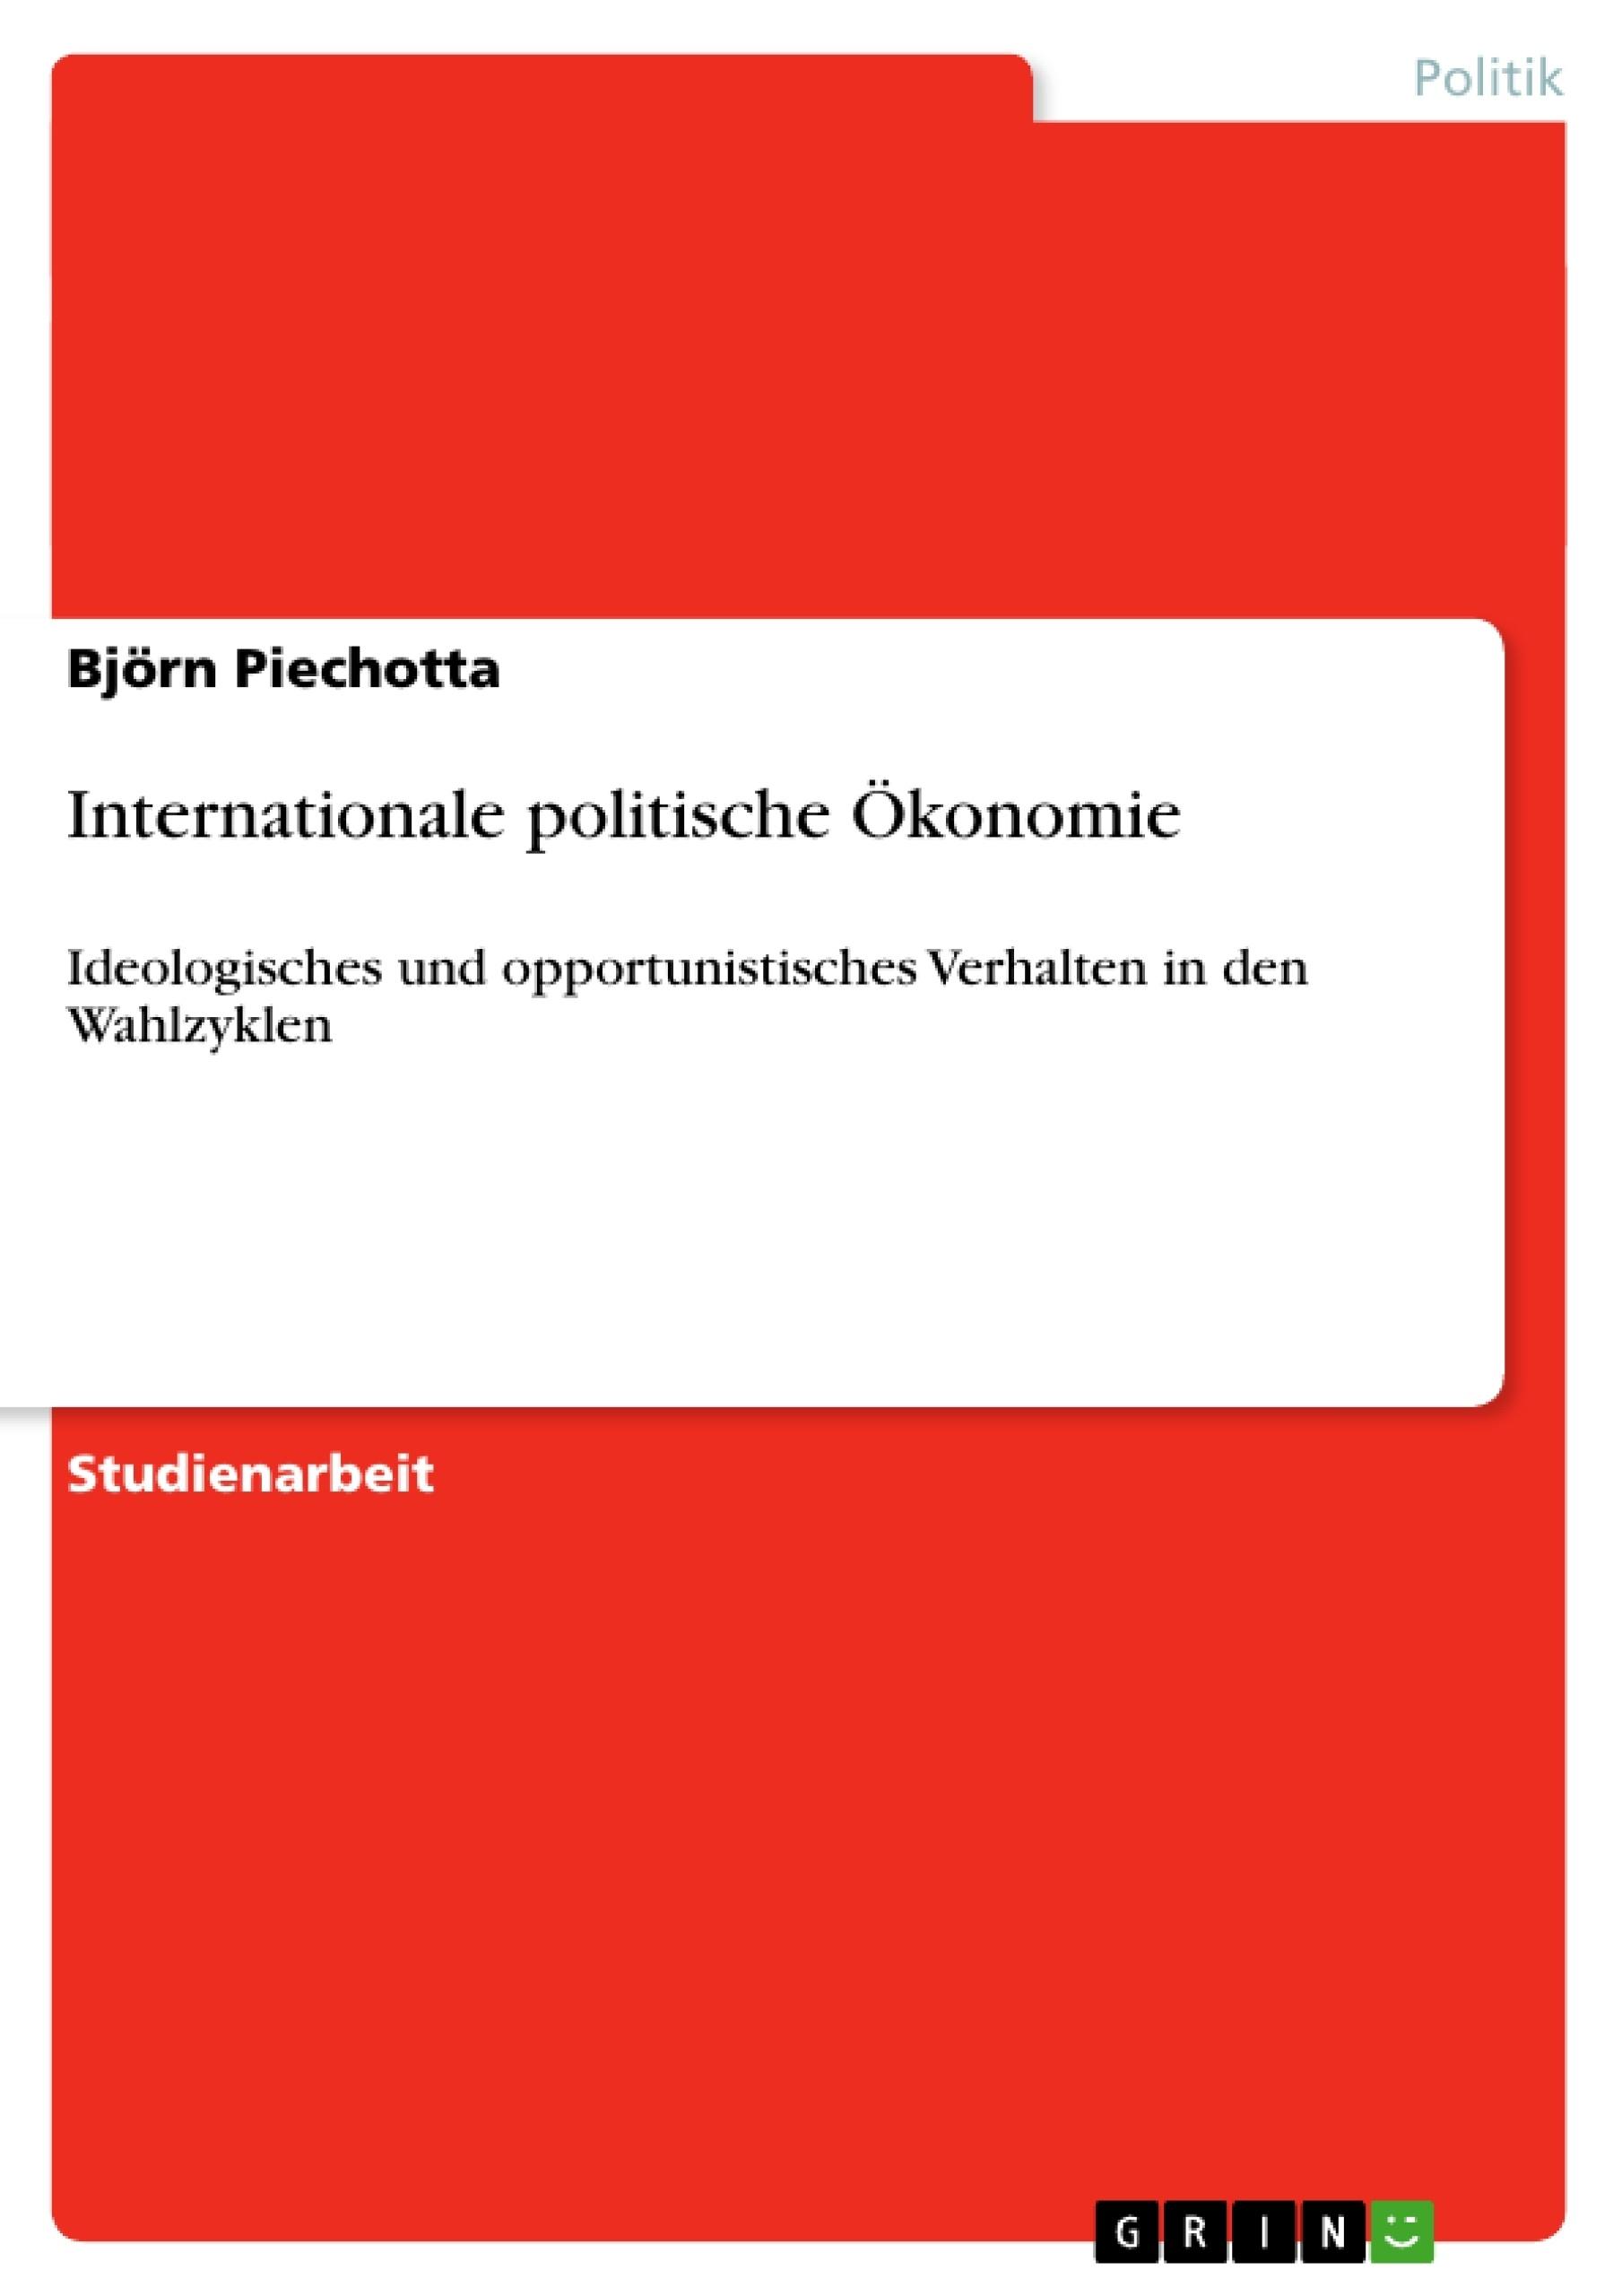 Titel: Internationale politische Ökonomie